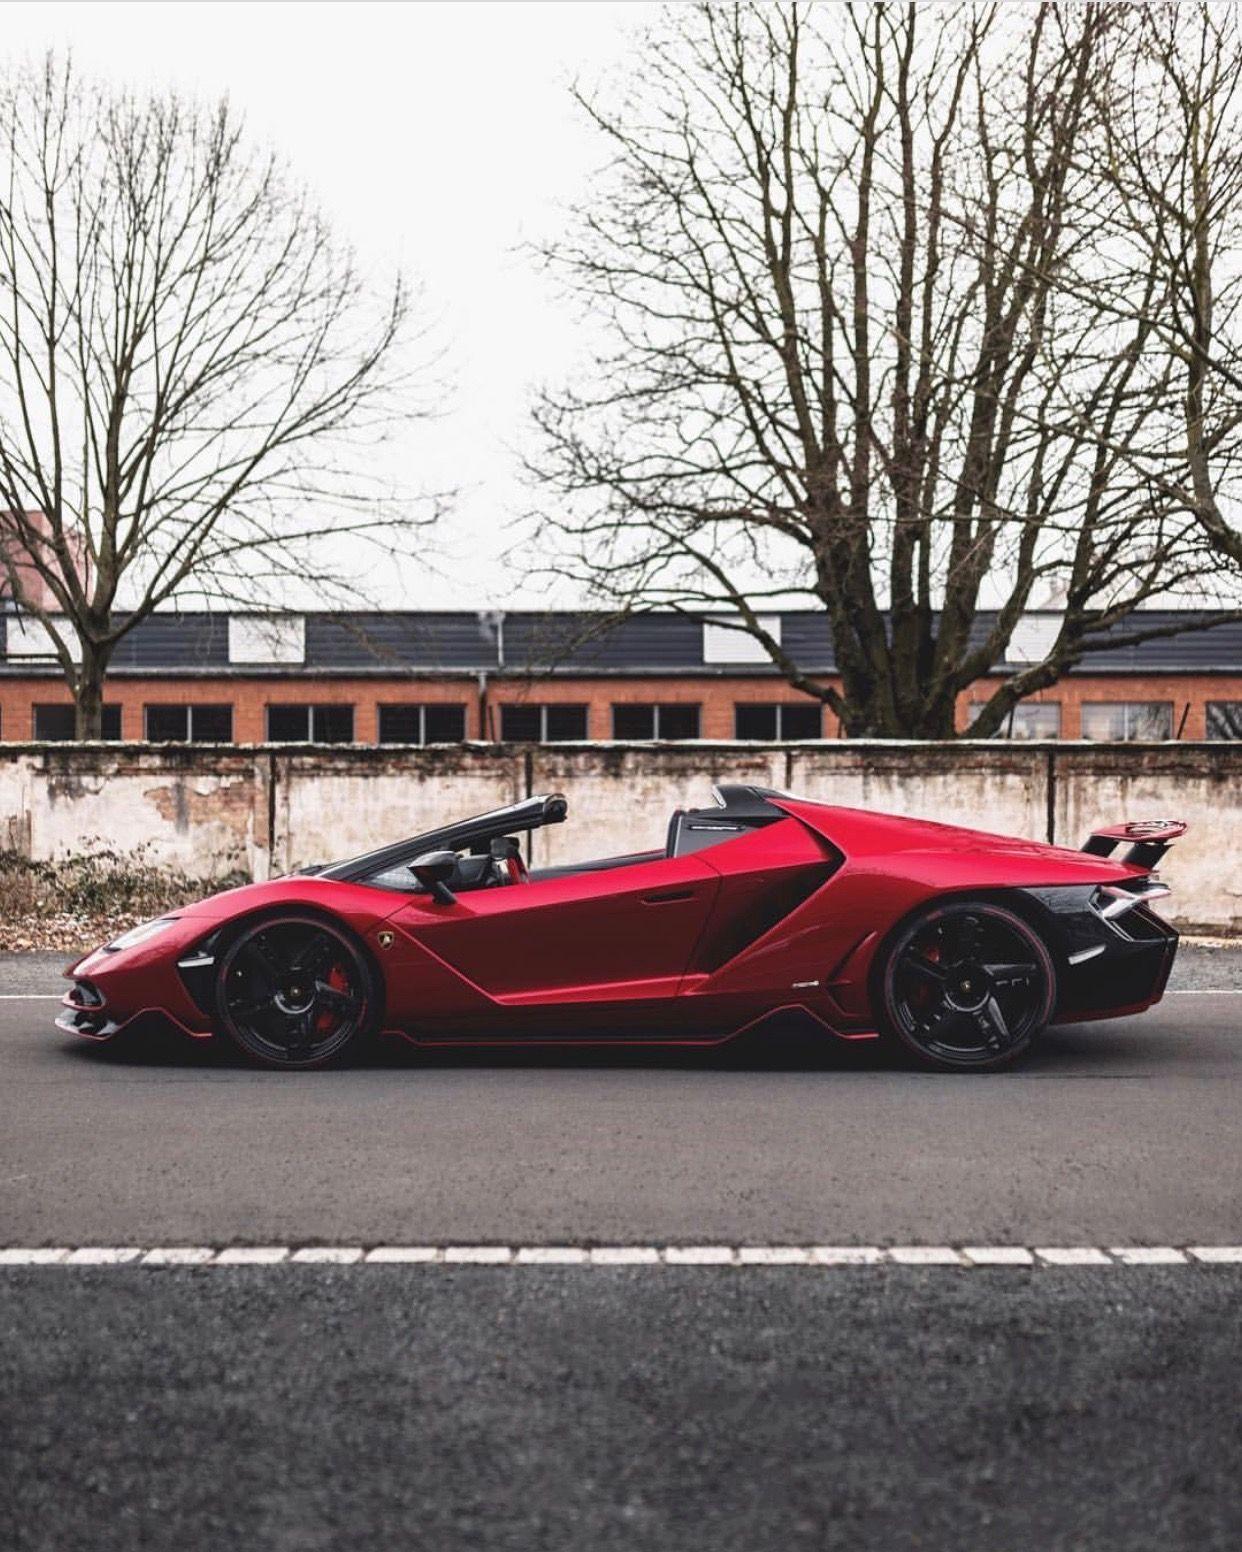 Lamborghini Centenario Roadster Painted In Rosso Efesto W A Black